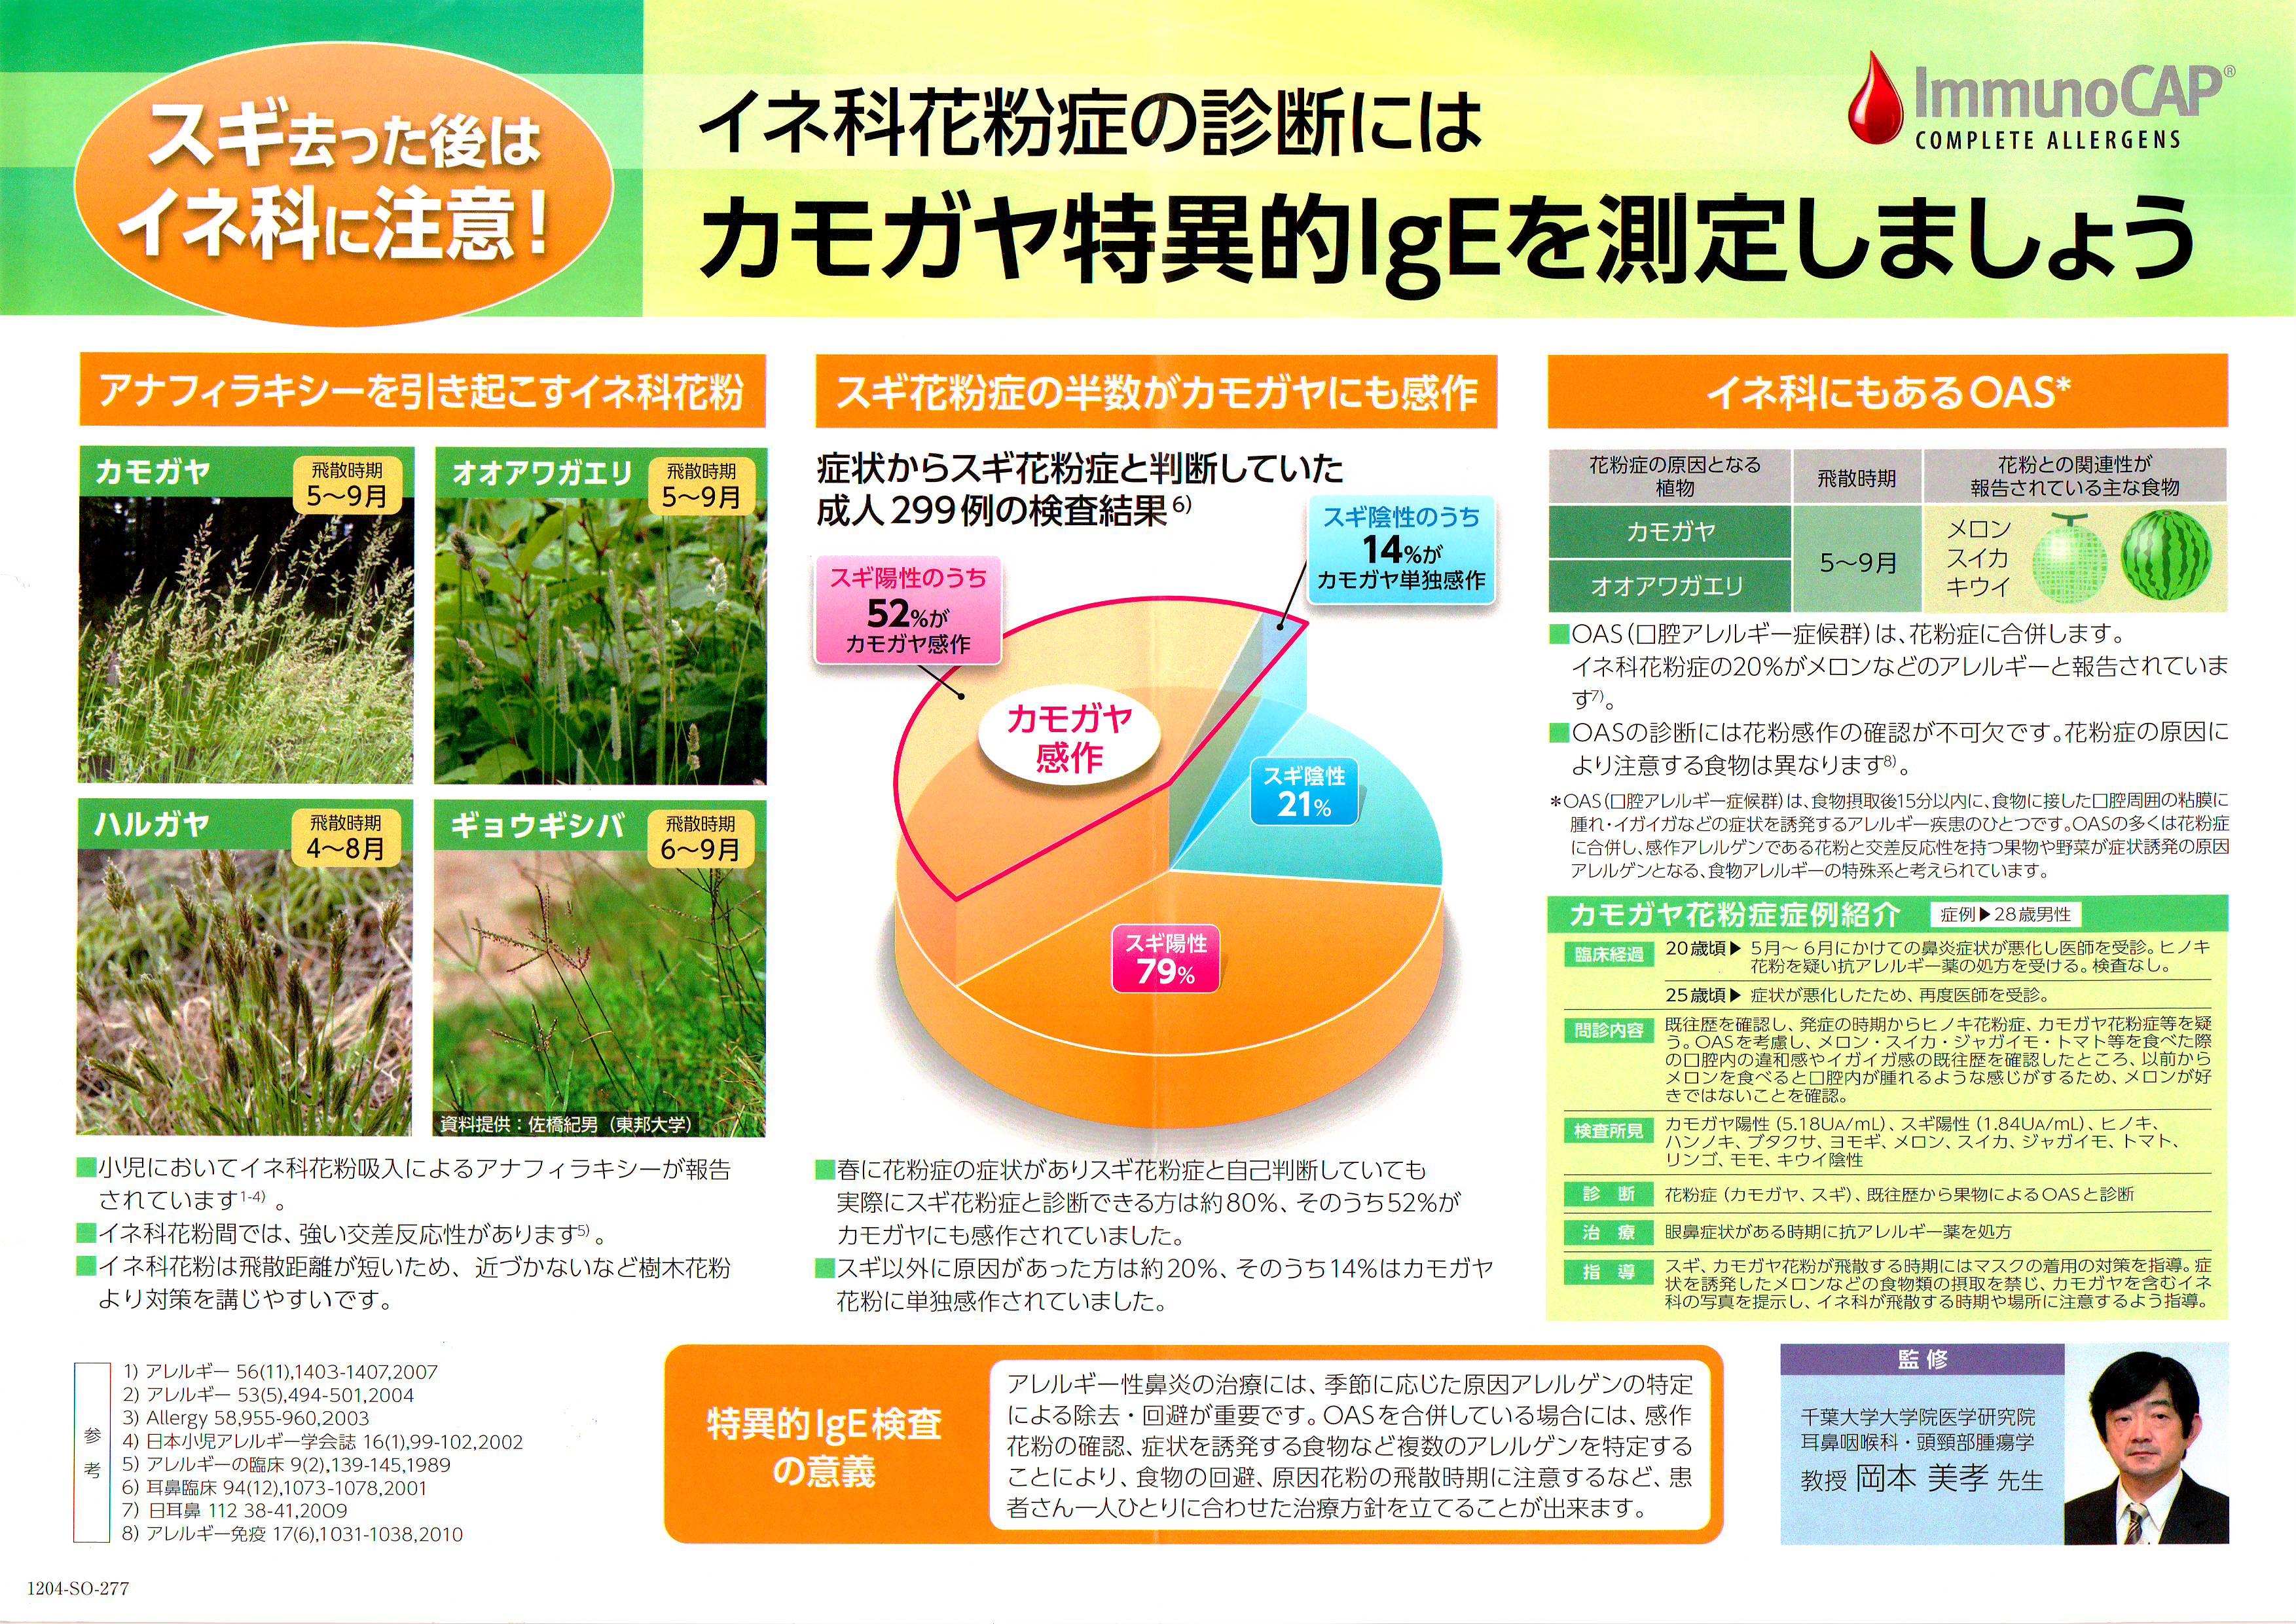 花粉 2020 カモガヤ カモガヤ 花粉症の方は注意してください。